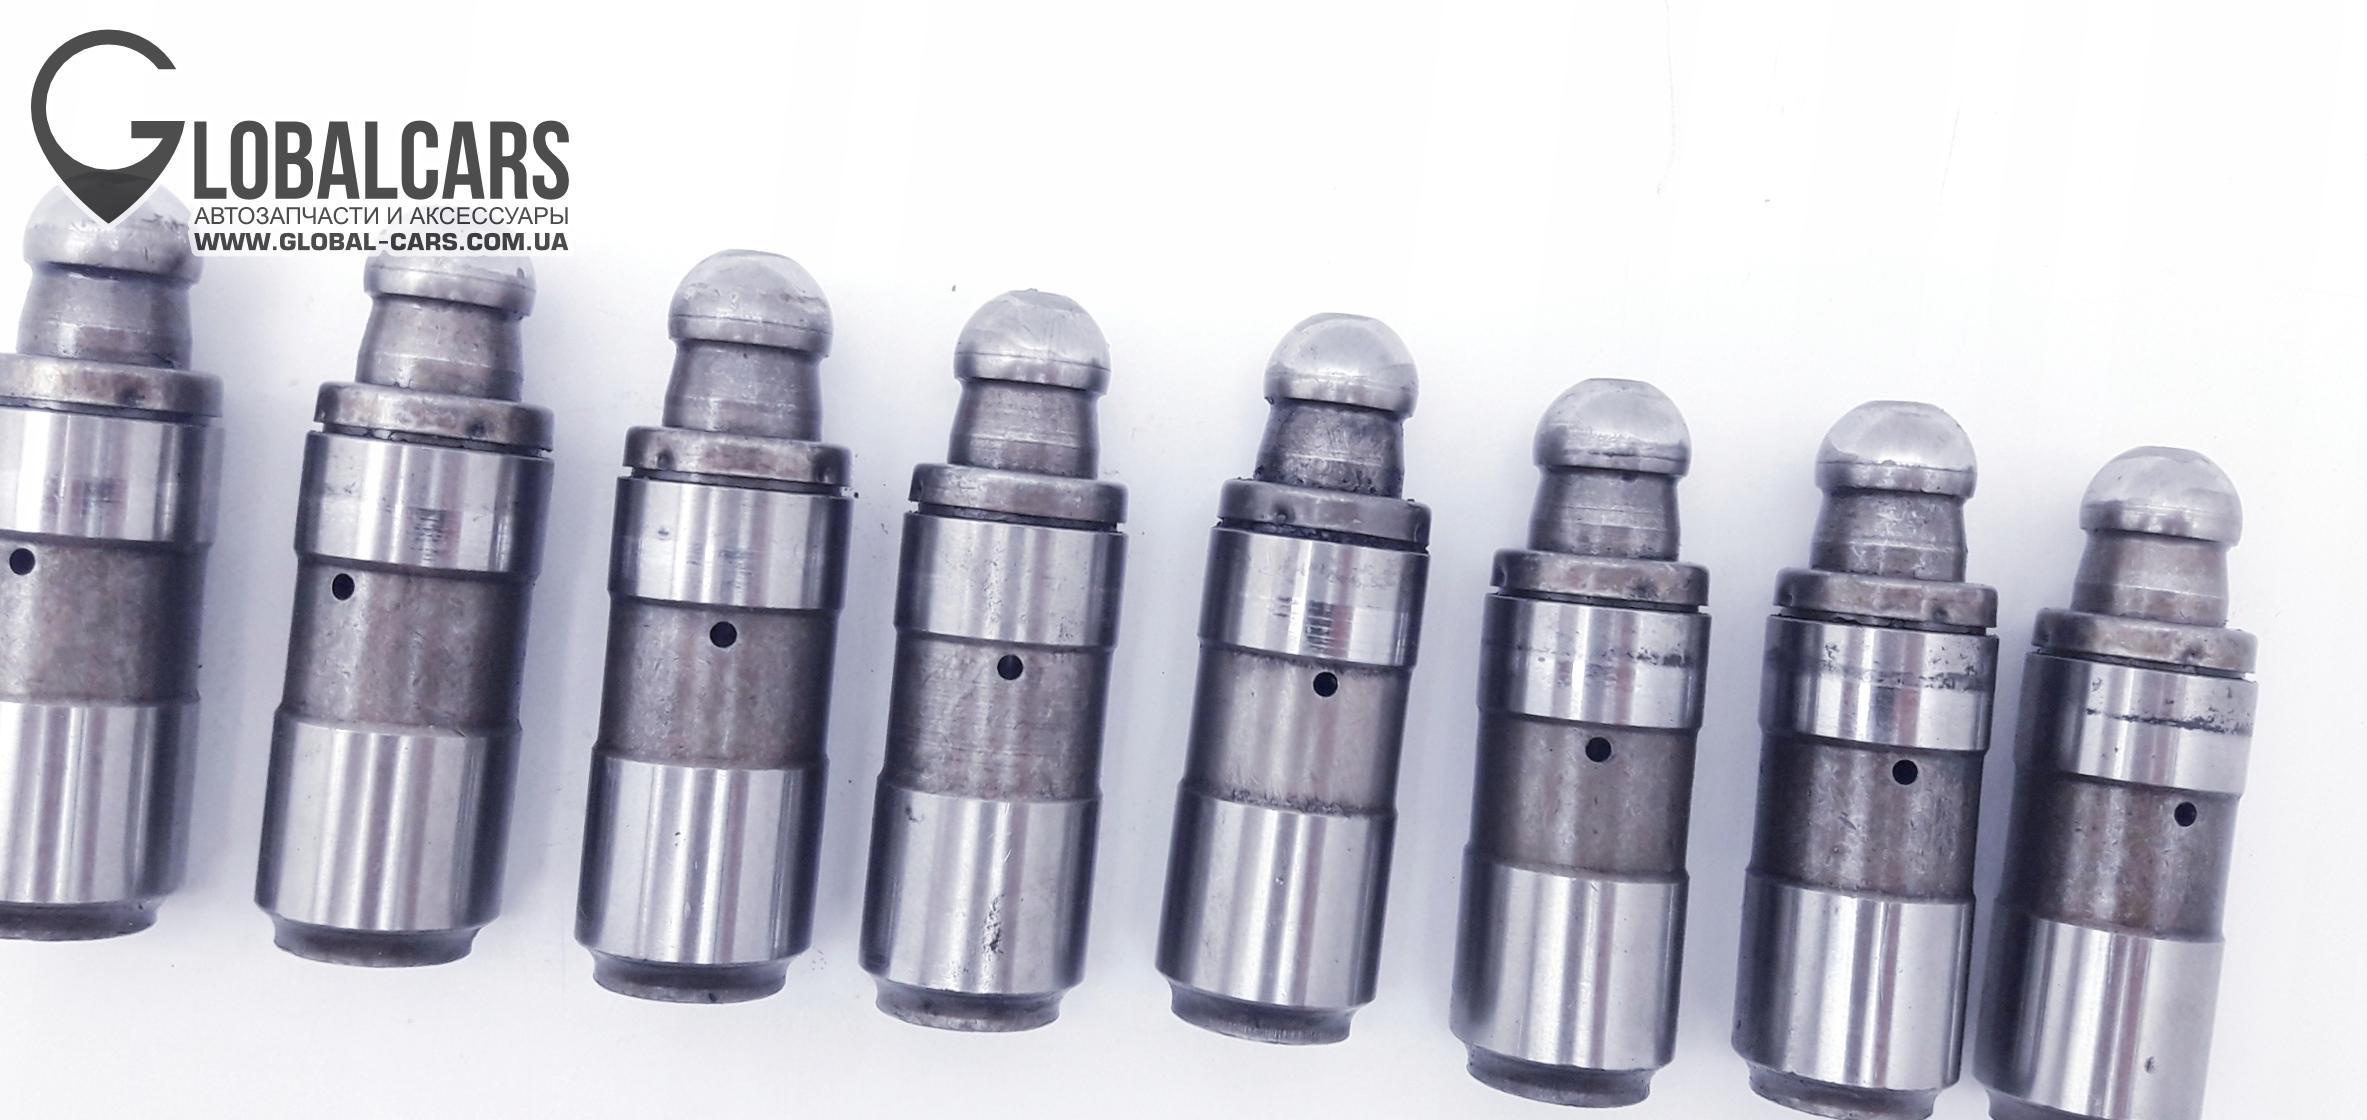 OPEL ASTRA F 1.7 DTL X17DTL ТОЛКАТЕЛИ КЛАПАН - 836L8T011, фото, цена